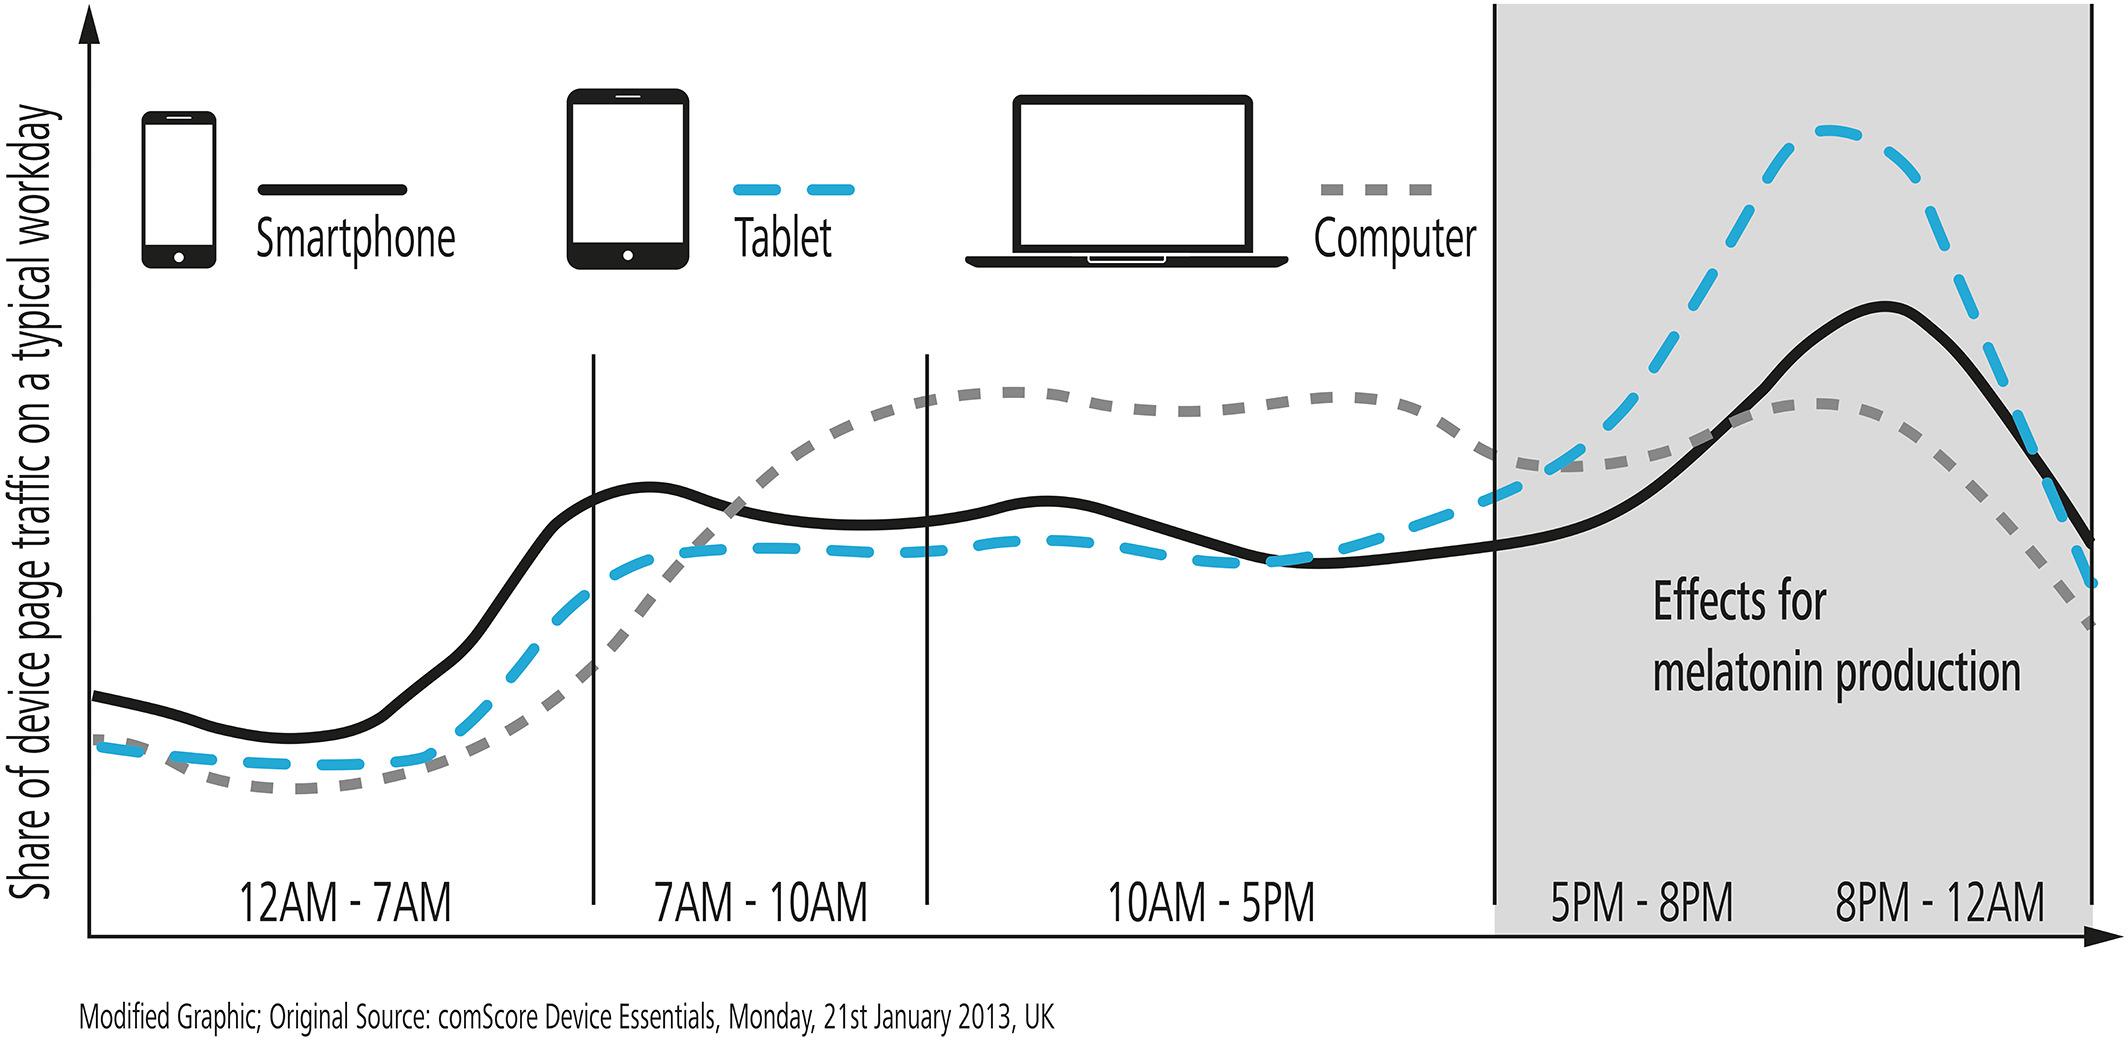 Влияние разных экранов электронных устройств на выработку мелатонина